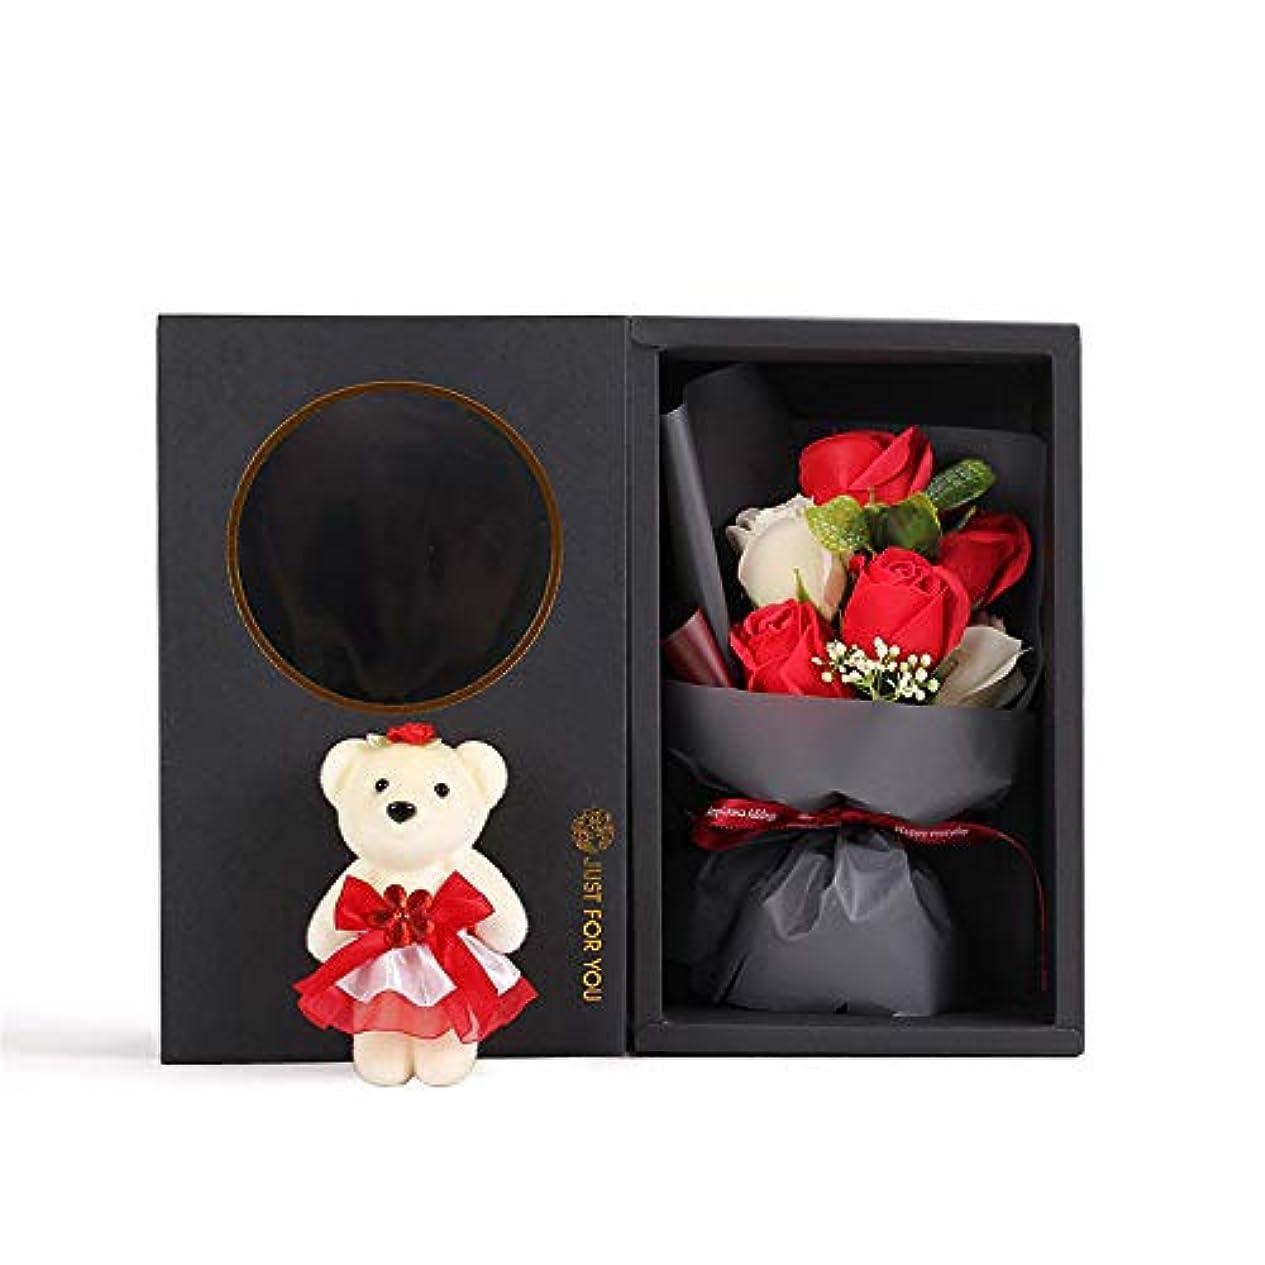 主流学んだ世界の窓手作り6石鹸花の花束ギフトボックス、女性のためのギフトあなたがバレンタインデー、母の日、結婚式、クリスマス、誕生日を愛した女の子(ベアカラーランダム) (色 : 赤)